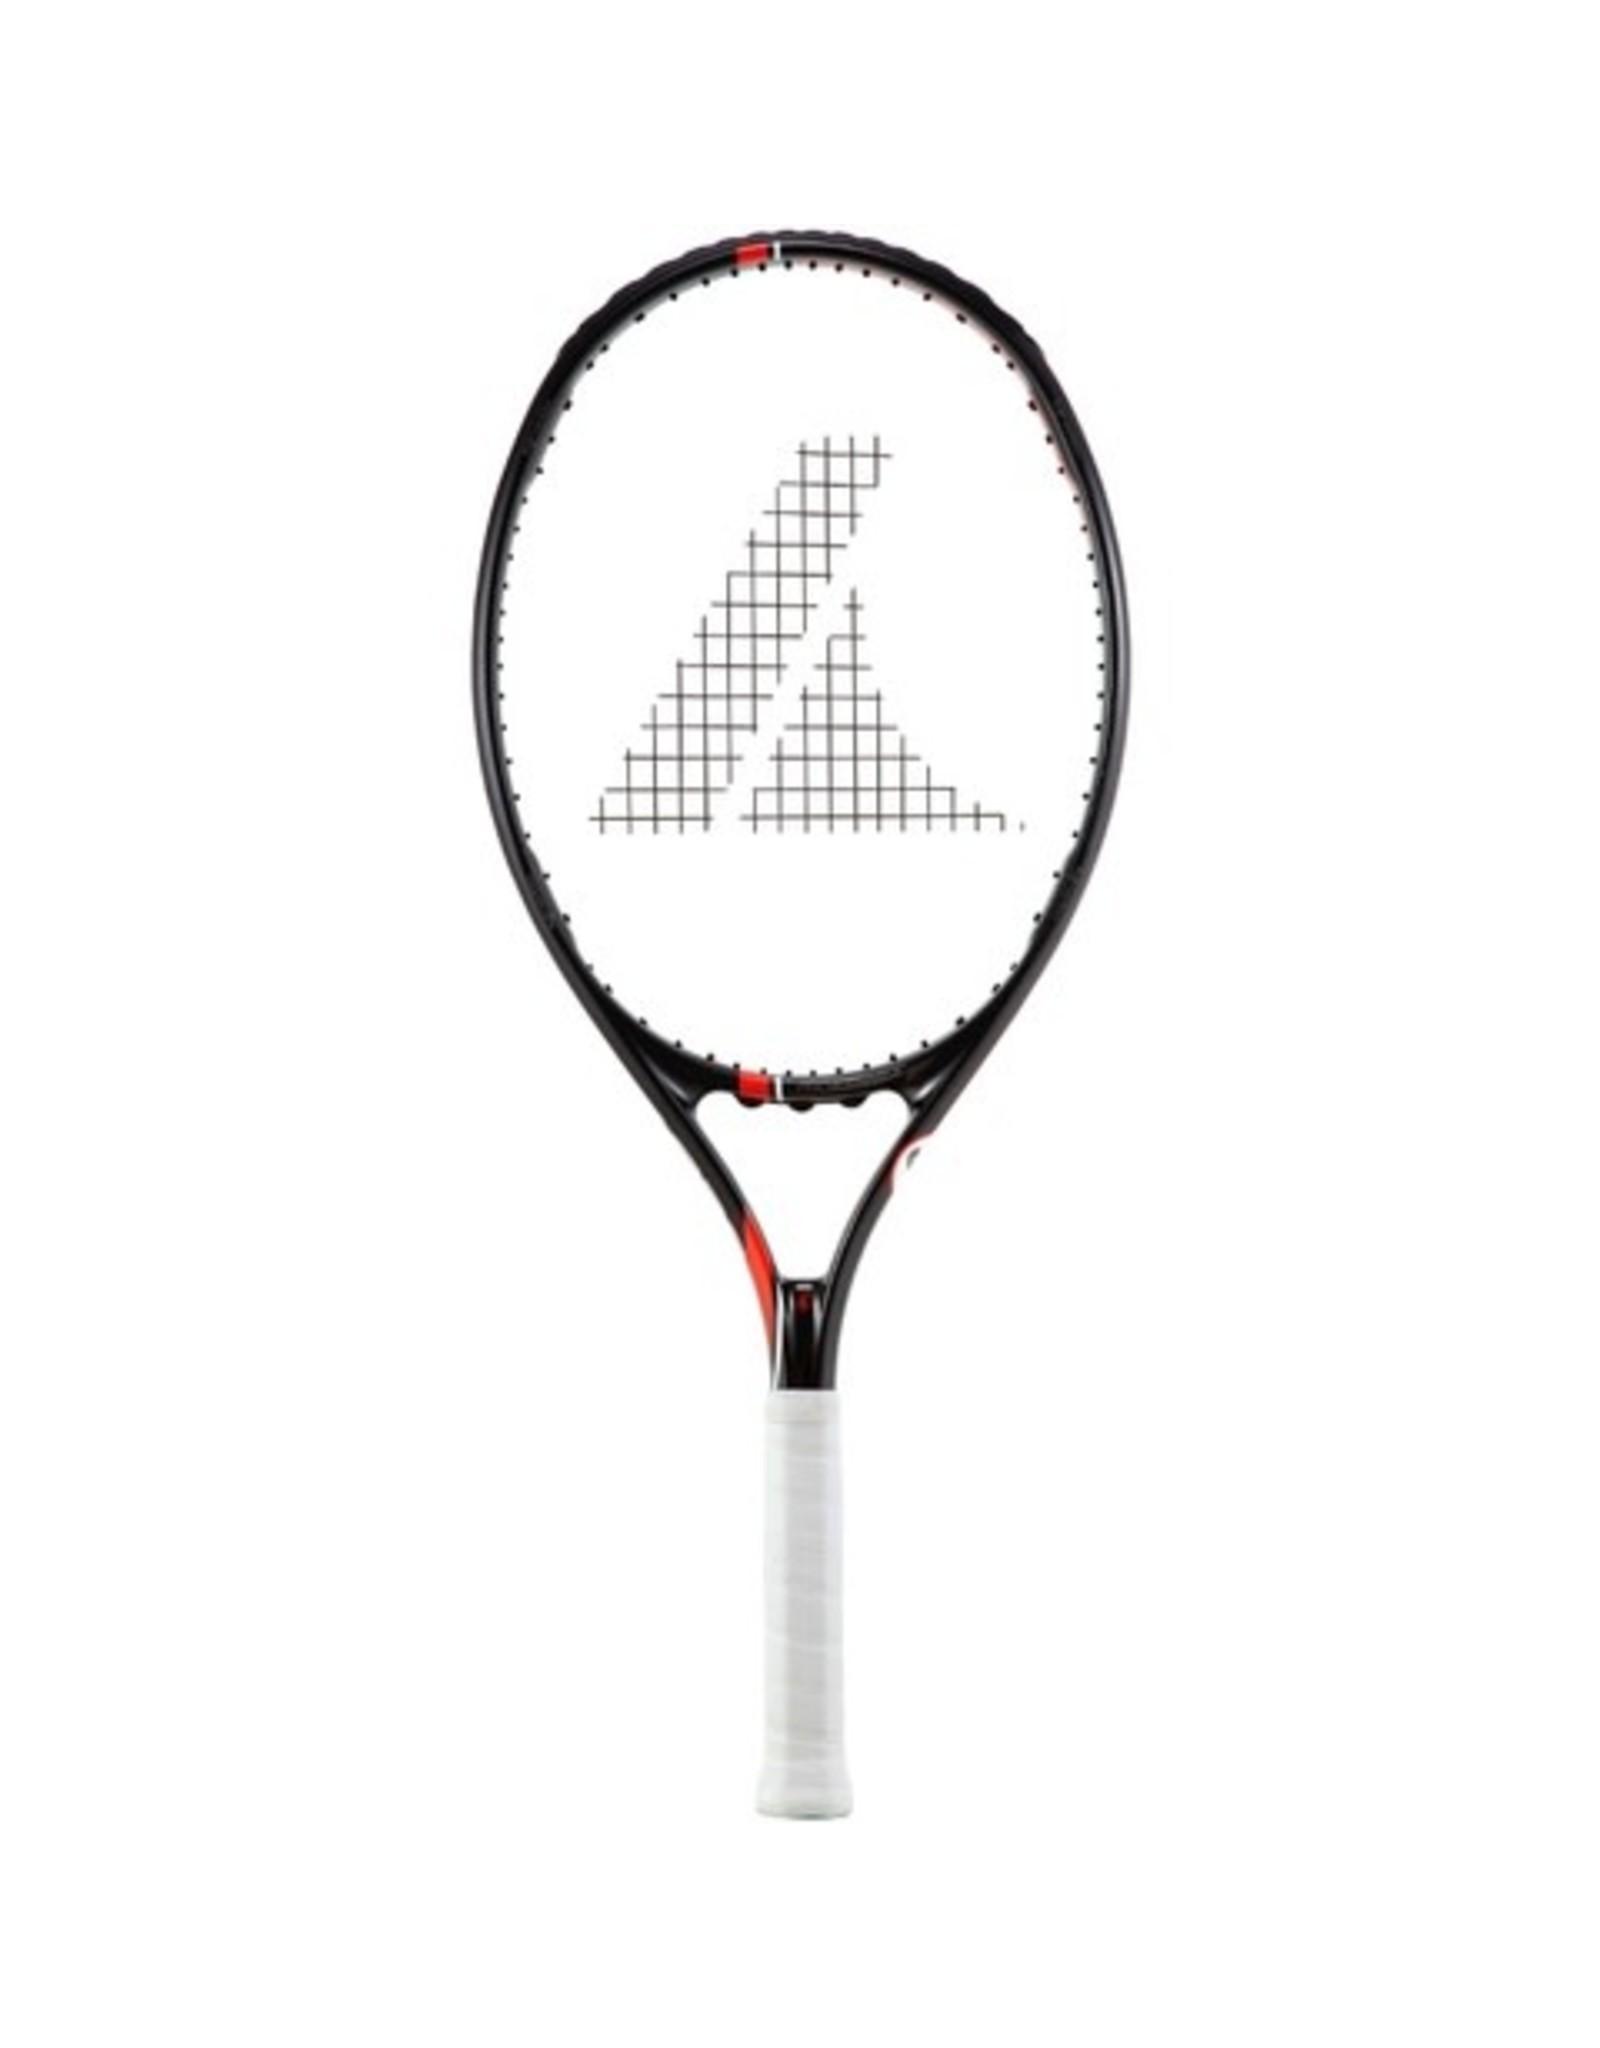 Pro Kennex Pro Kennex Q+ 30 Tennis Racquet